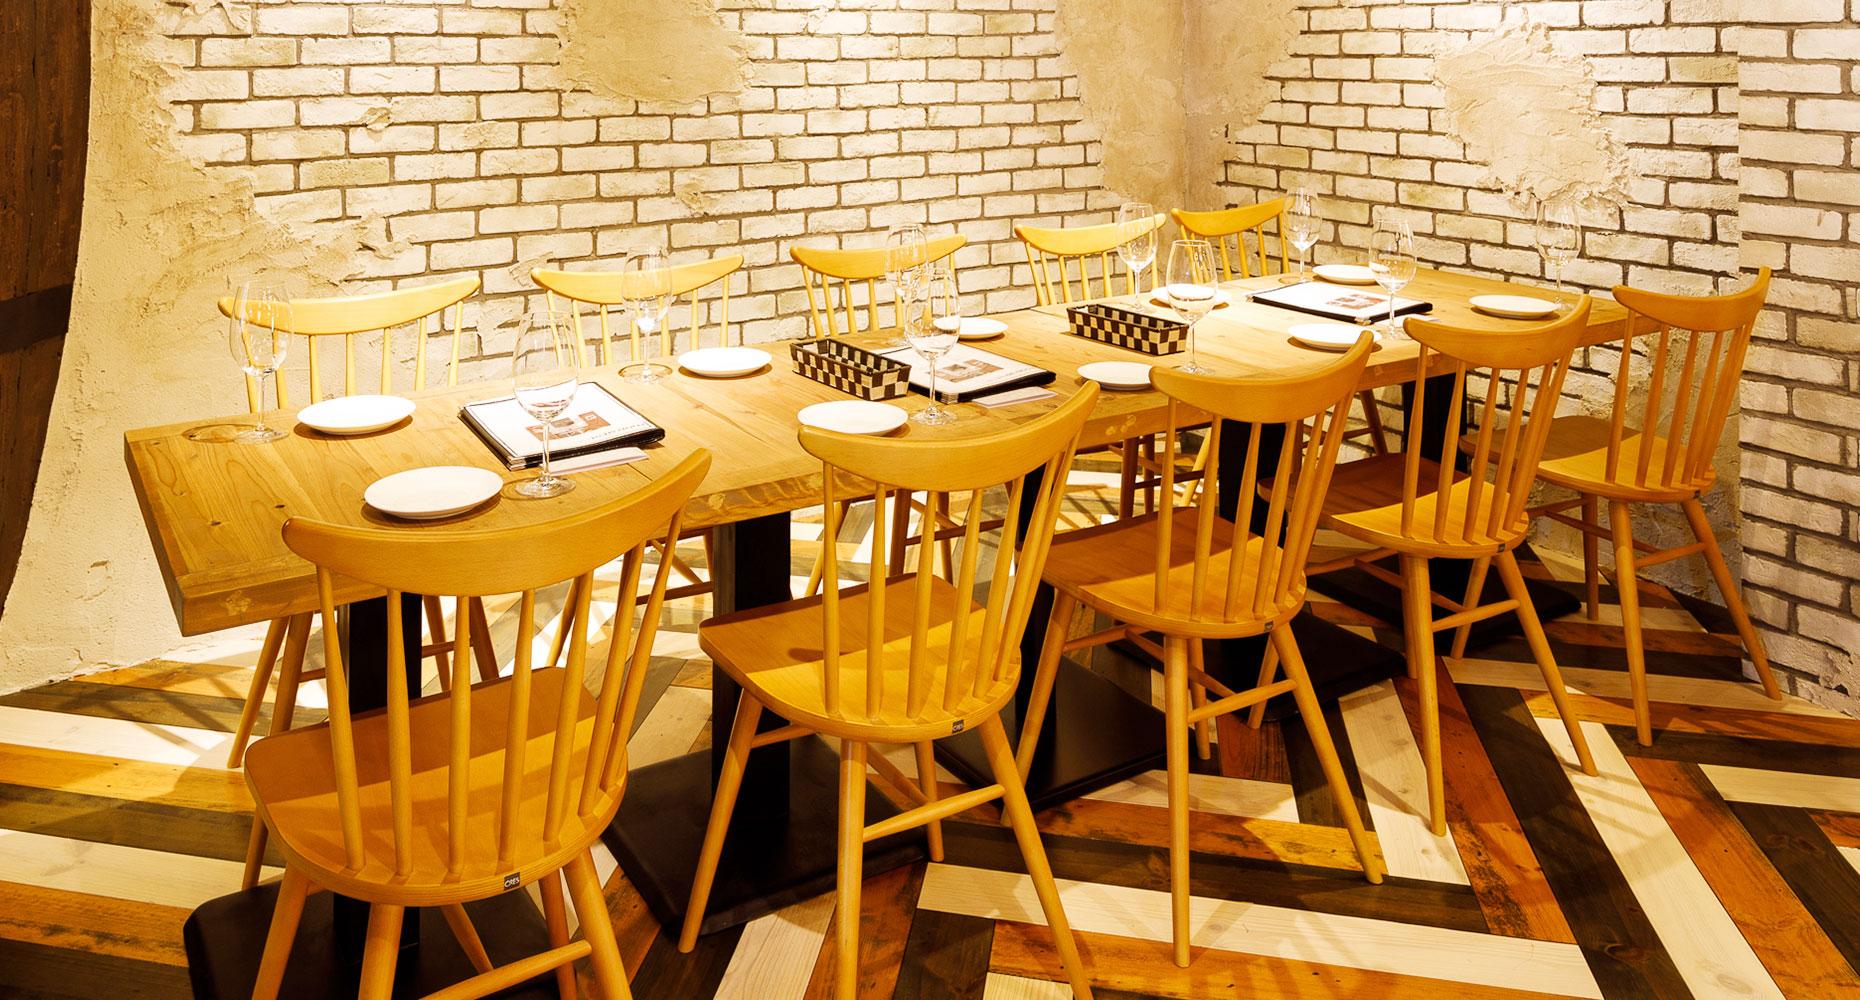 8〜12名様席2ヶ所もあり、気の合う仲間と大切なひとときをお過ごしください。